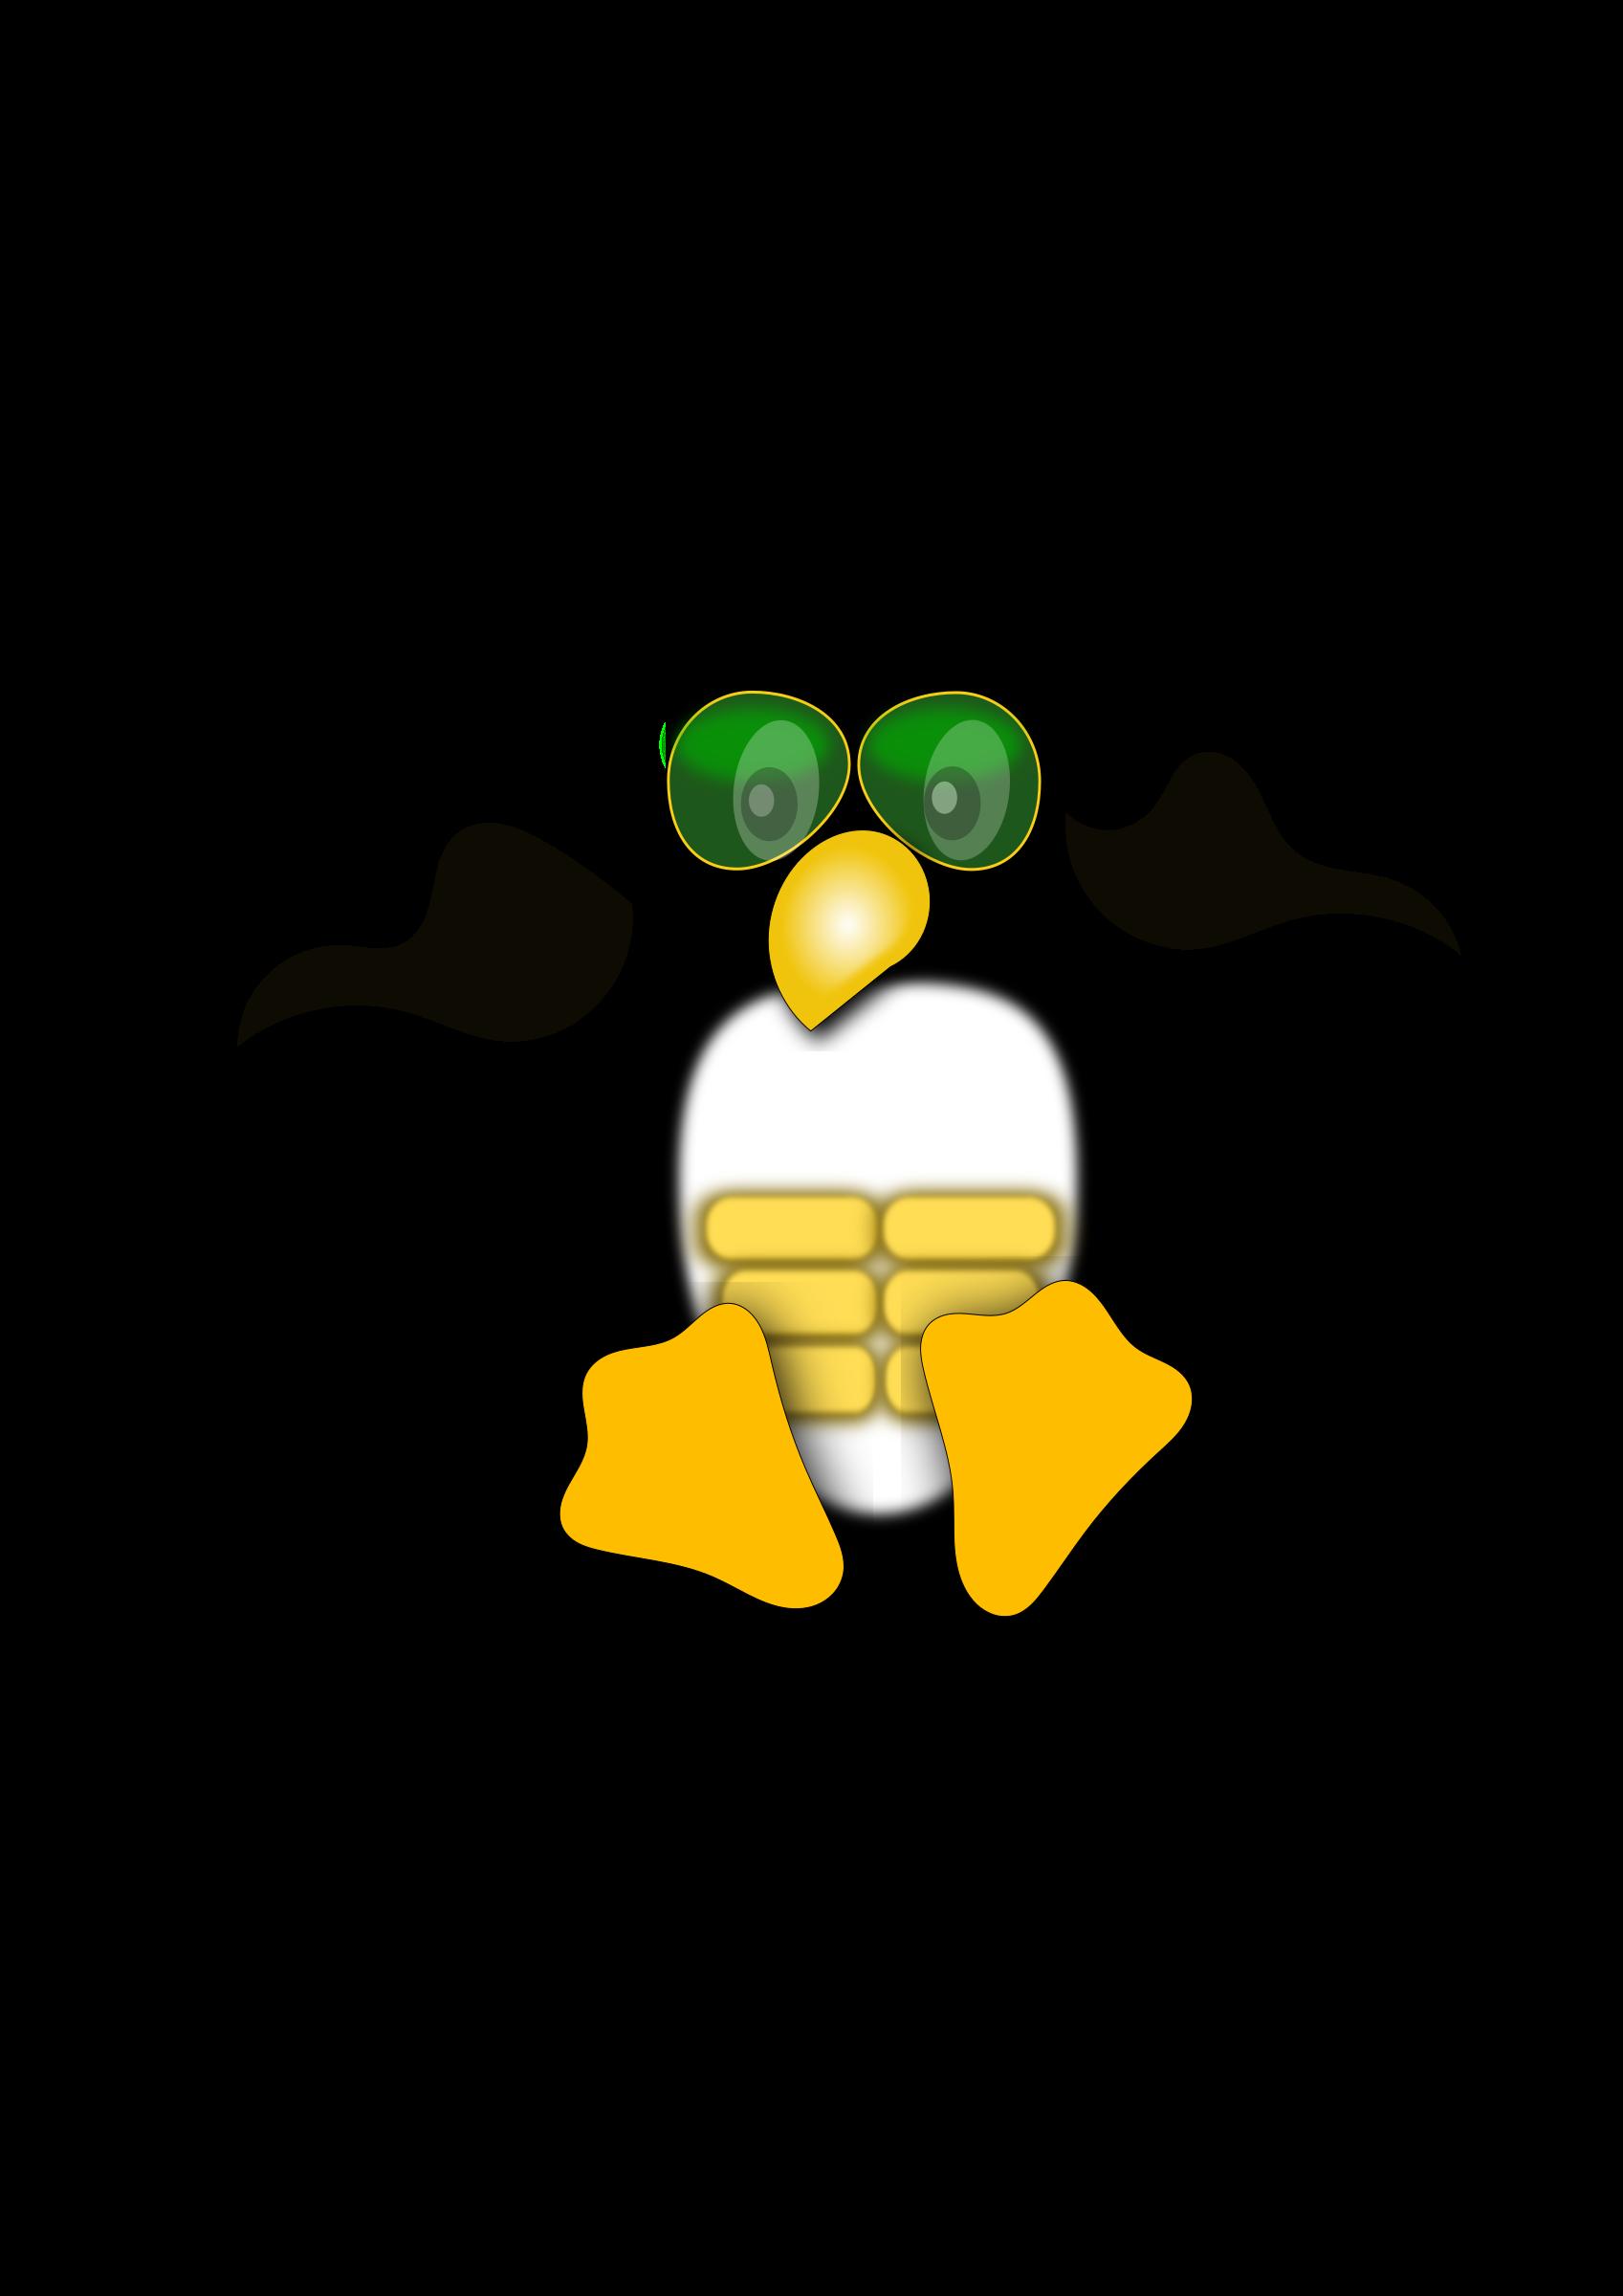 clipart linux logo penguin